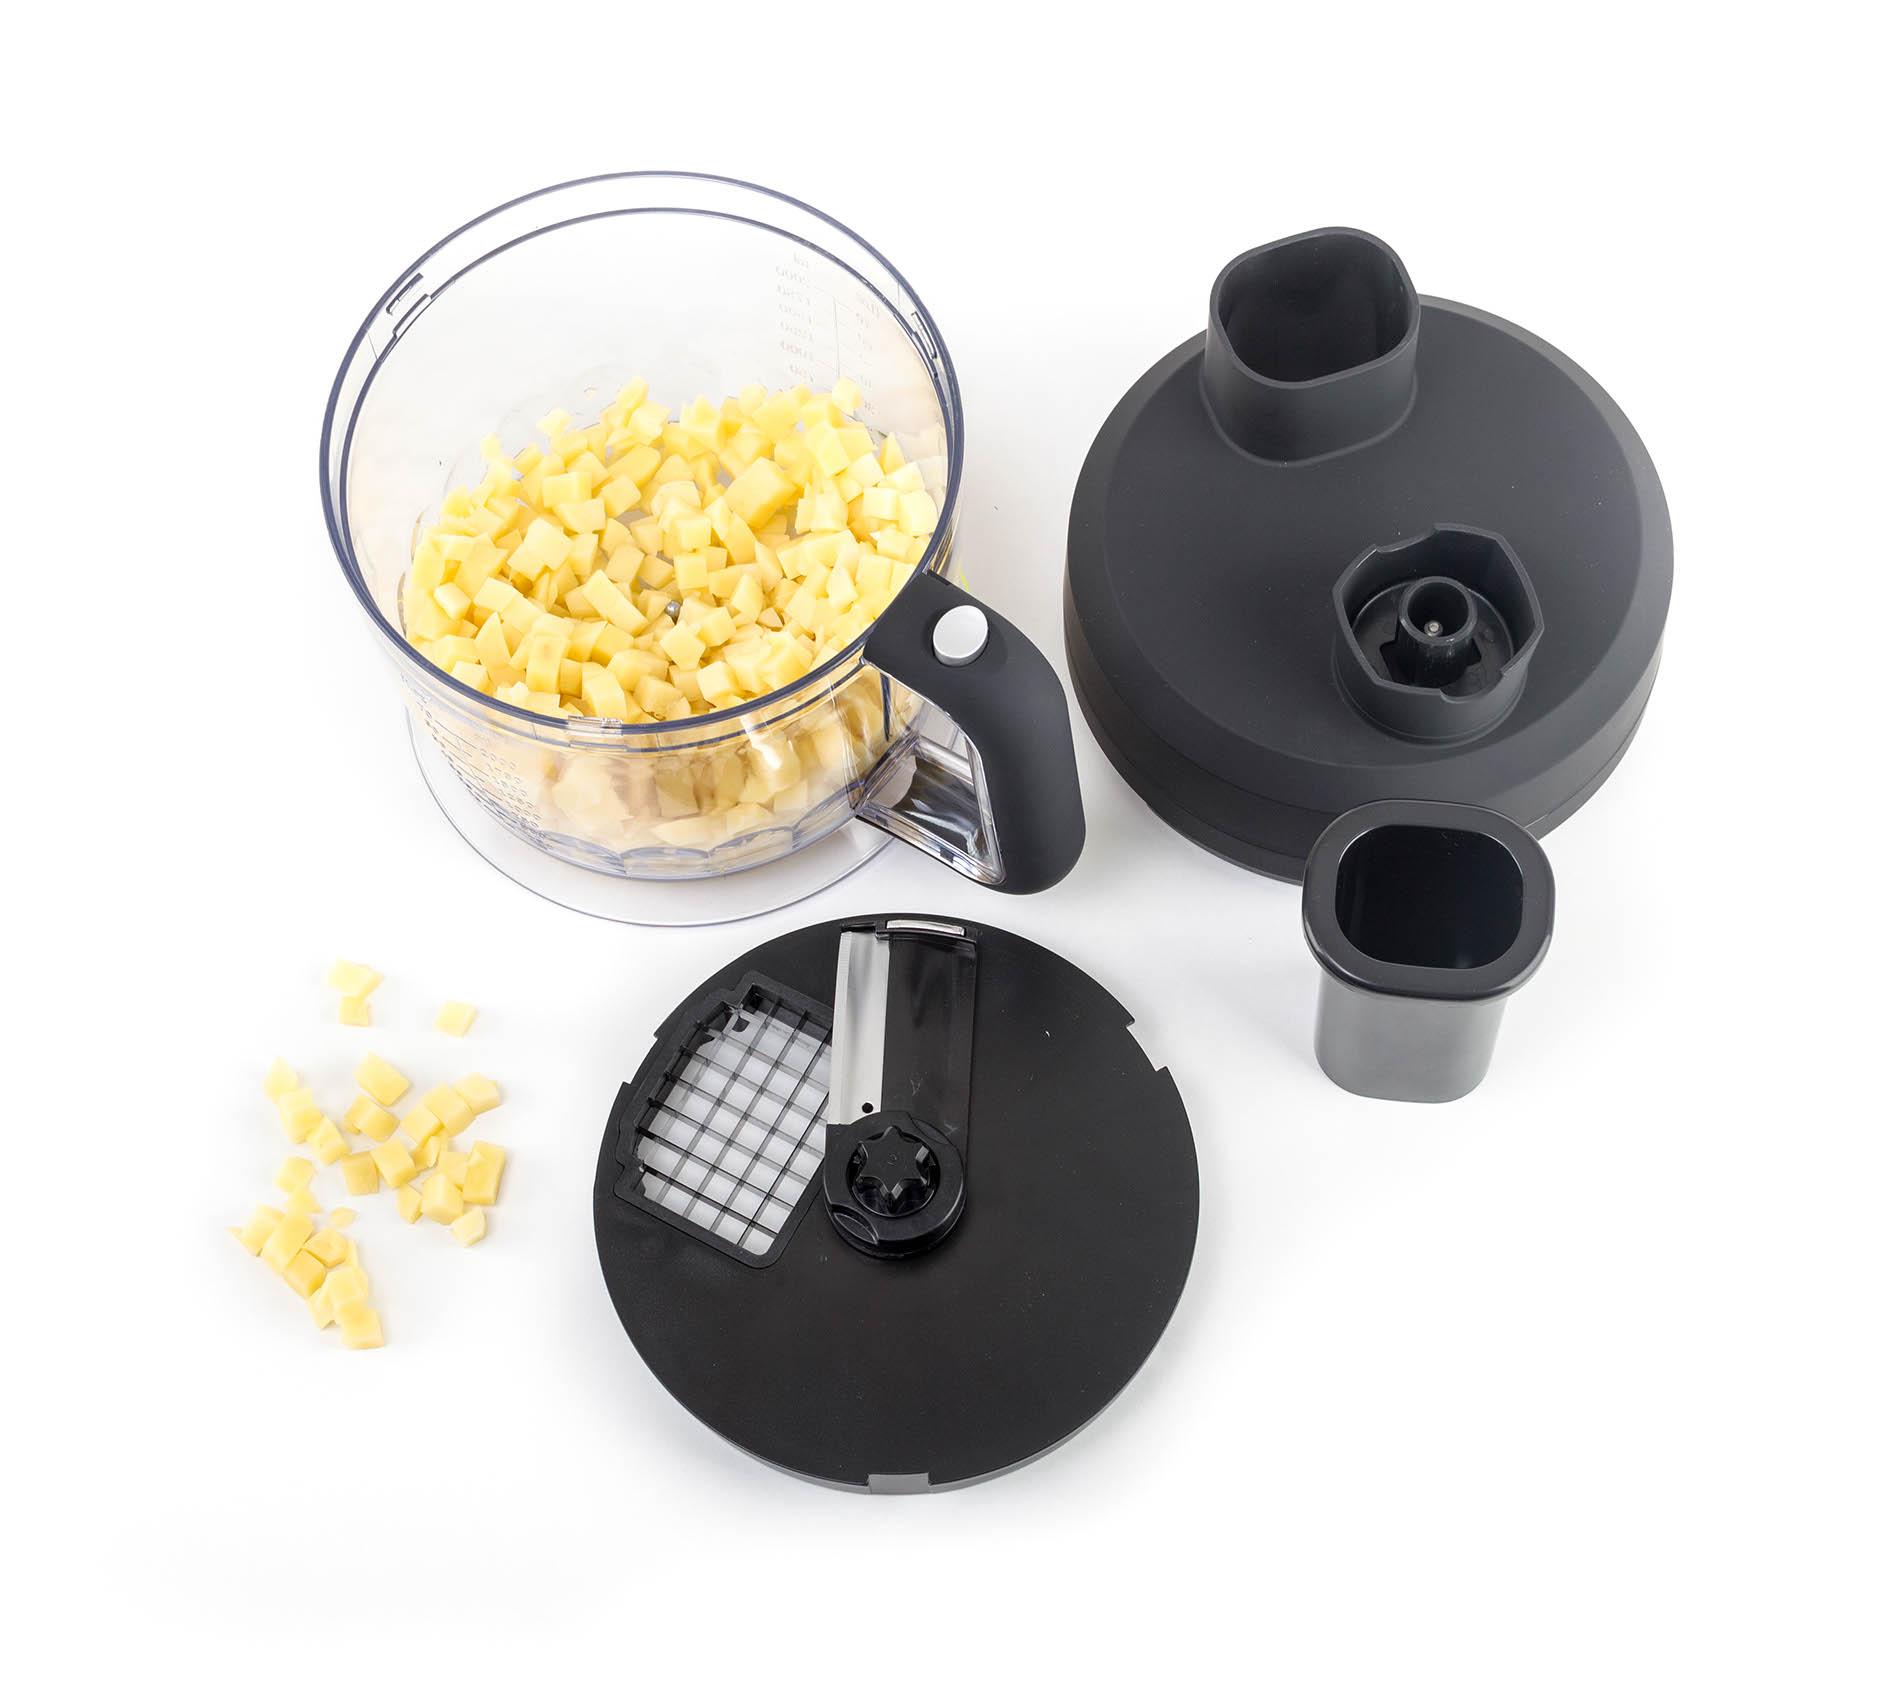 Food processor G21 s multifunkční nádobou o objemu 2 l je výborným doplňkem pro váš tyčový mixér G21 VitalStick Pro